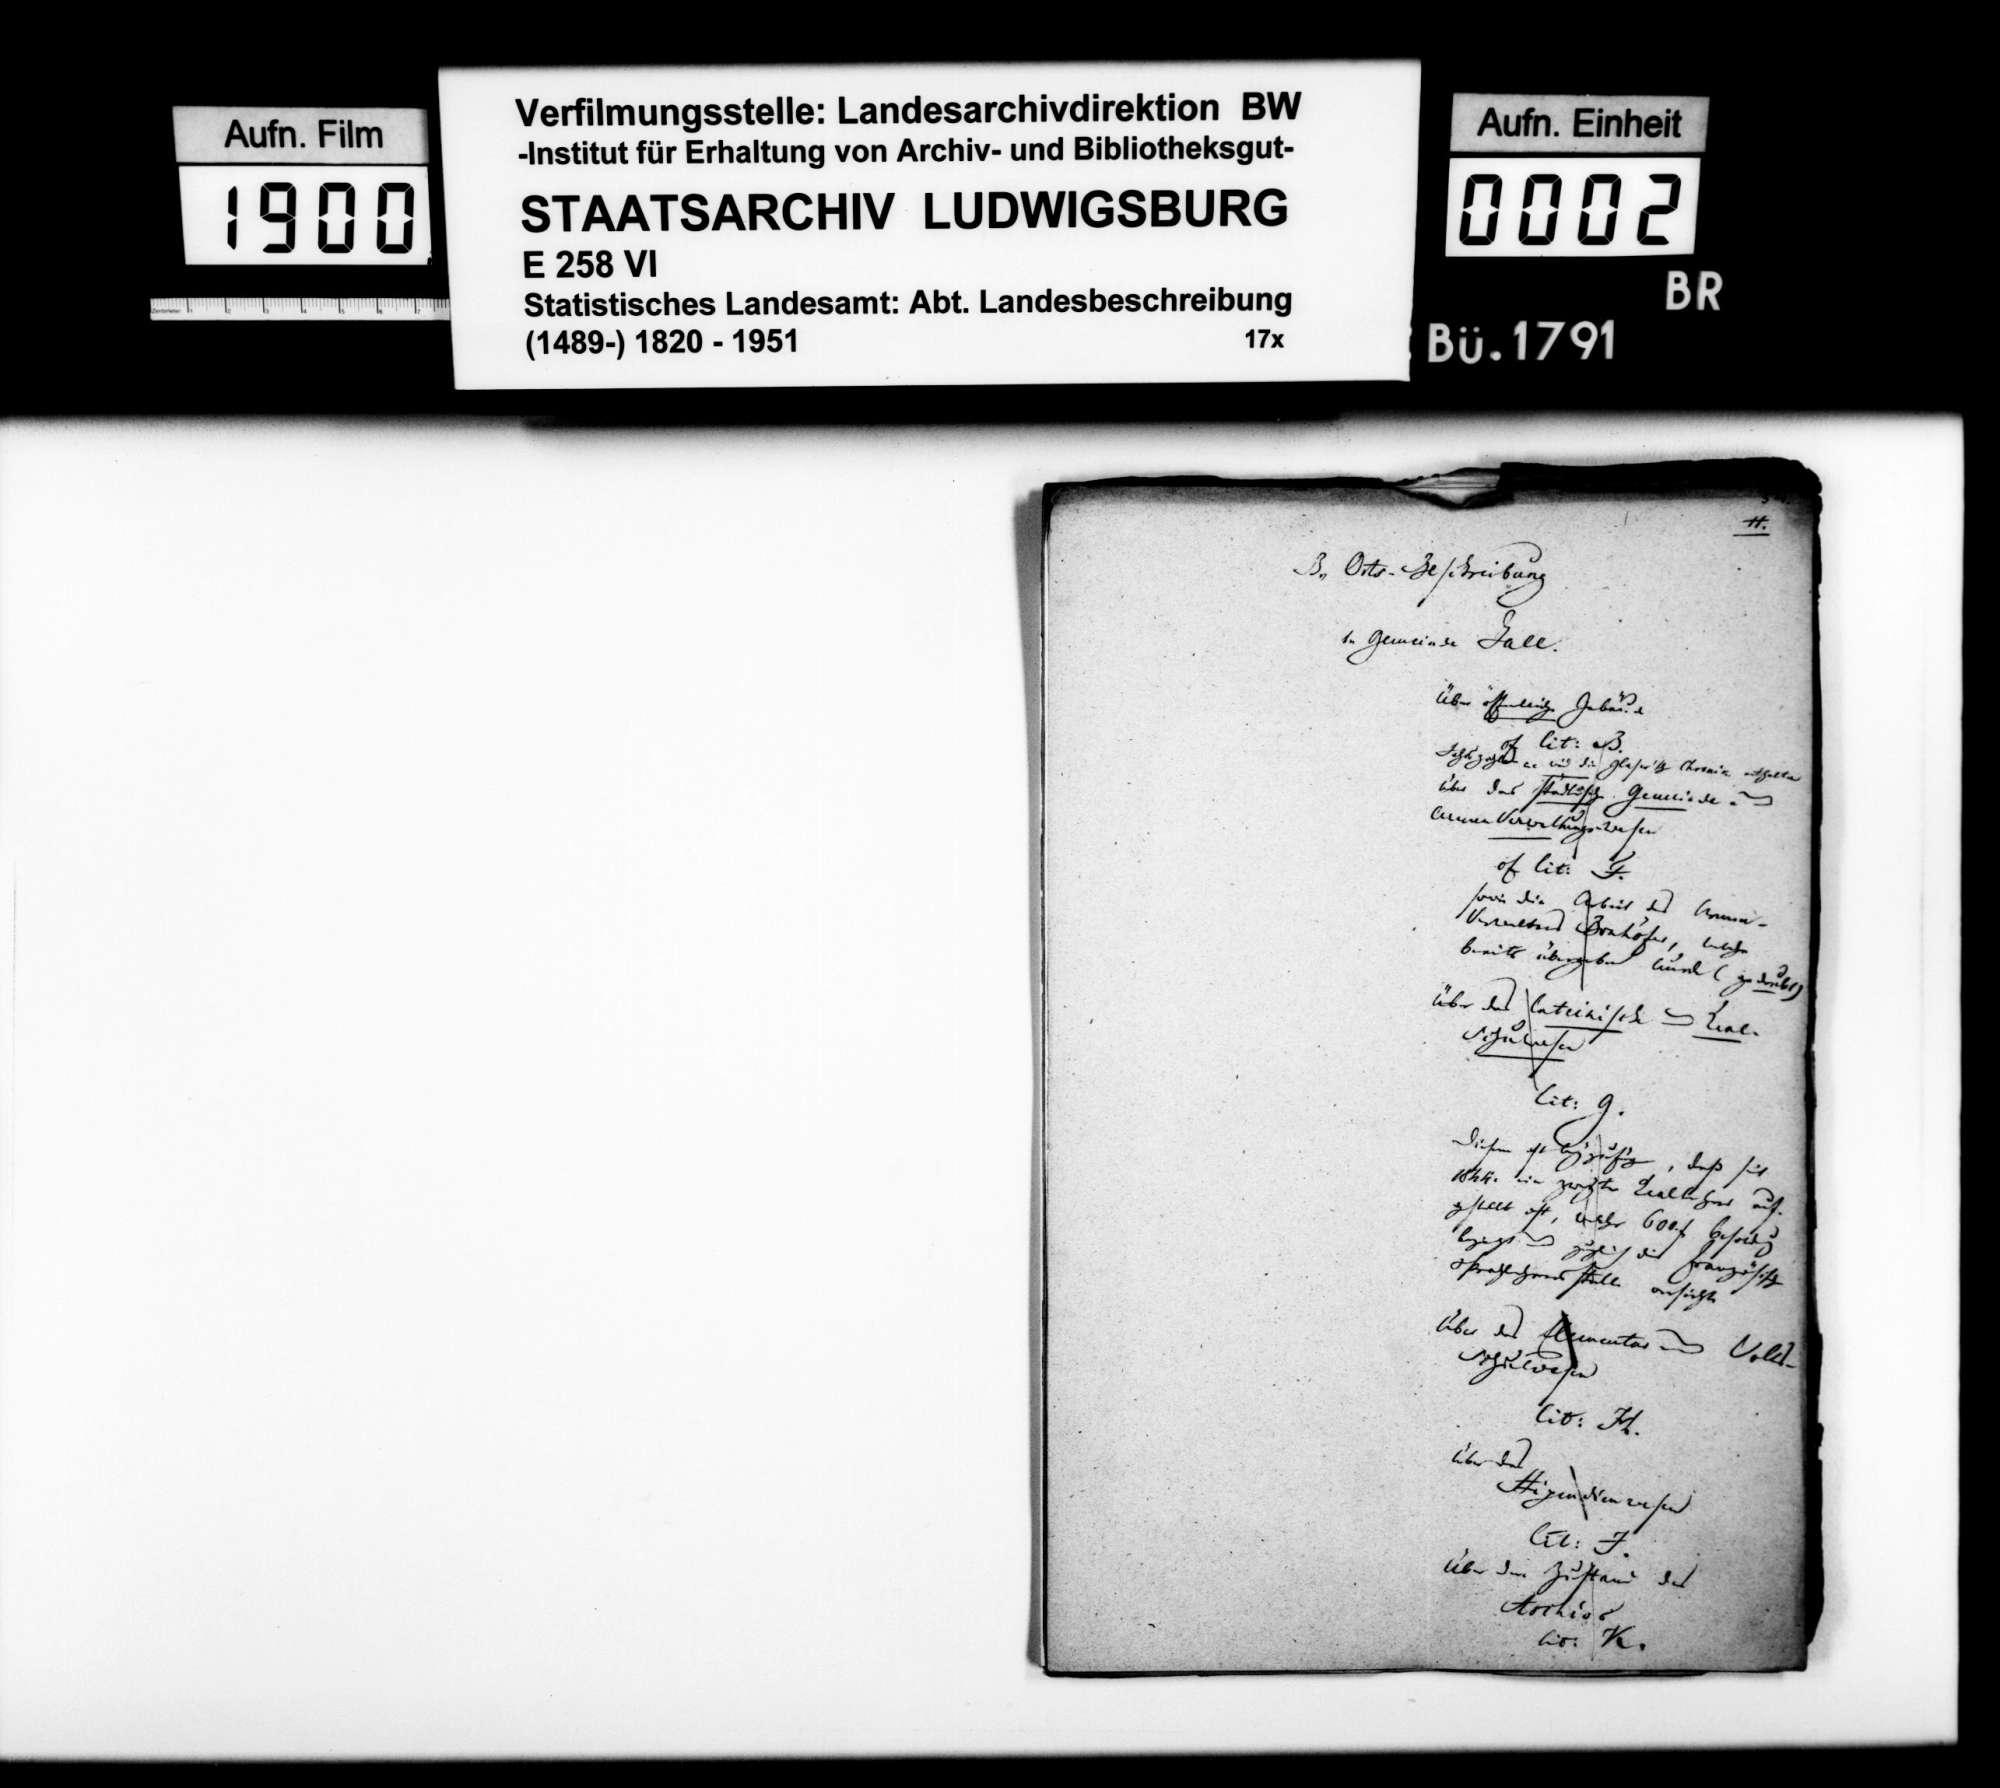 Notizen, Auszüge aus Archivaldokumenten und Textmanuskript [des Finanzrats Moser] zu Teil B (Ortsbeschreibung) der OAB, Bild 1